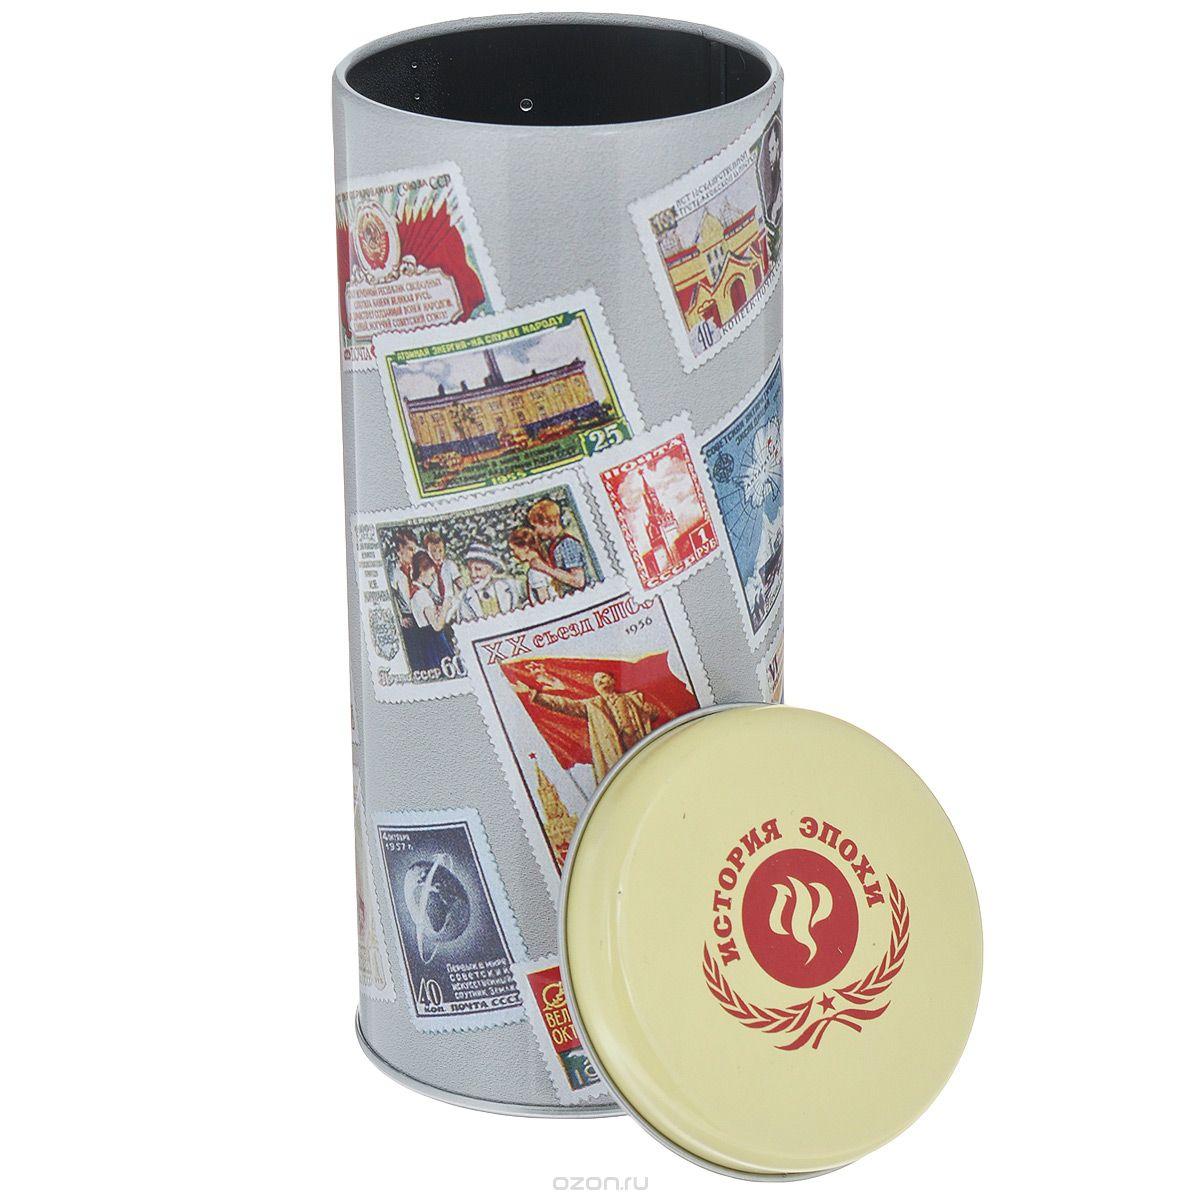 Емкость для сыпучих продуктов Феникс-Презент Почтовые марки, 750 млFA-5125 WhiteЕмкость для сыпучих продуктов Феникс-Презент Почтовые марки изготовлена из окрашенного черного металла. Изделие оформлено красочным изображением советских почтовых марок. Плотно закрывается крышечкой. В такой емкости удобно хранить специи, соль, сахар, кофе, чай и другие сыпучие продукты. Такая емкость стильно дополнит любой кухонный интерьер, добавив немного ретро в окружающую обстановку.